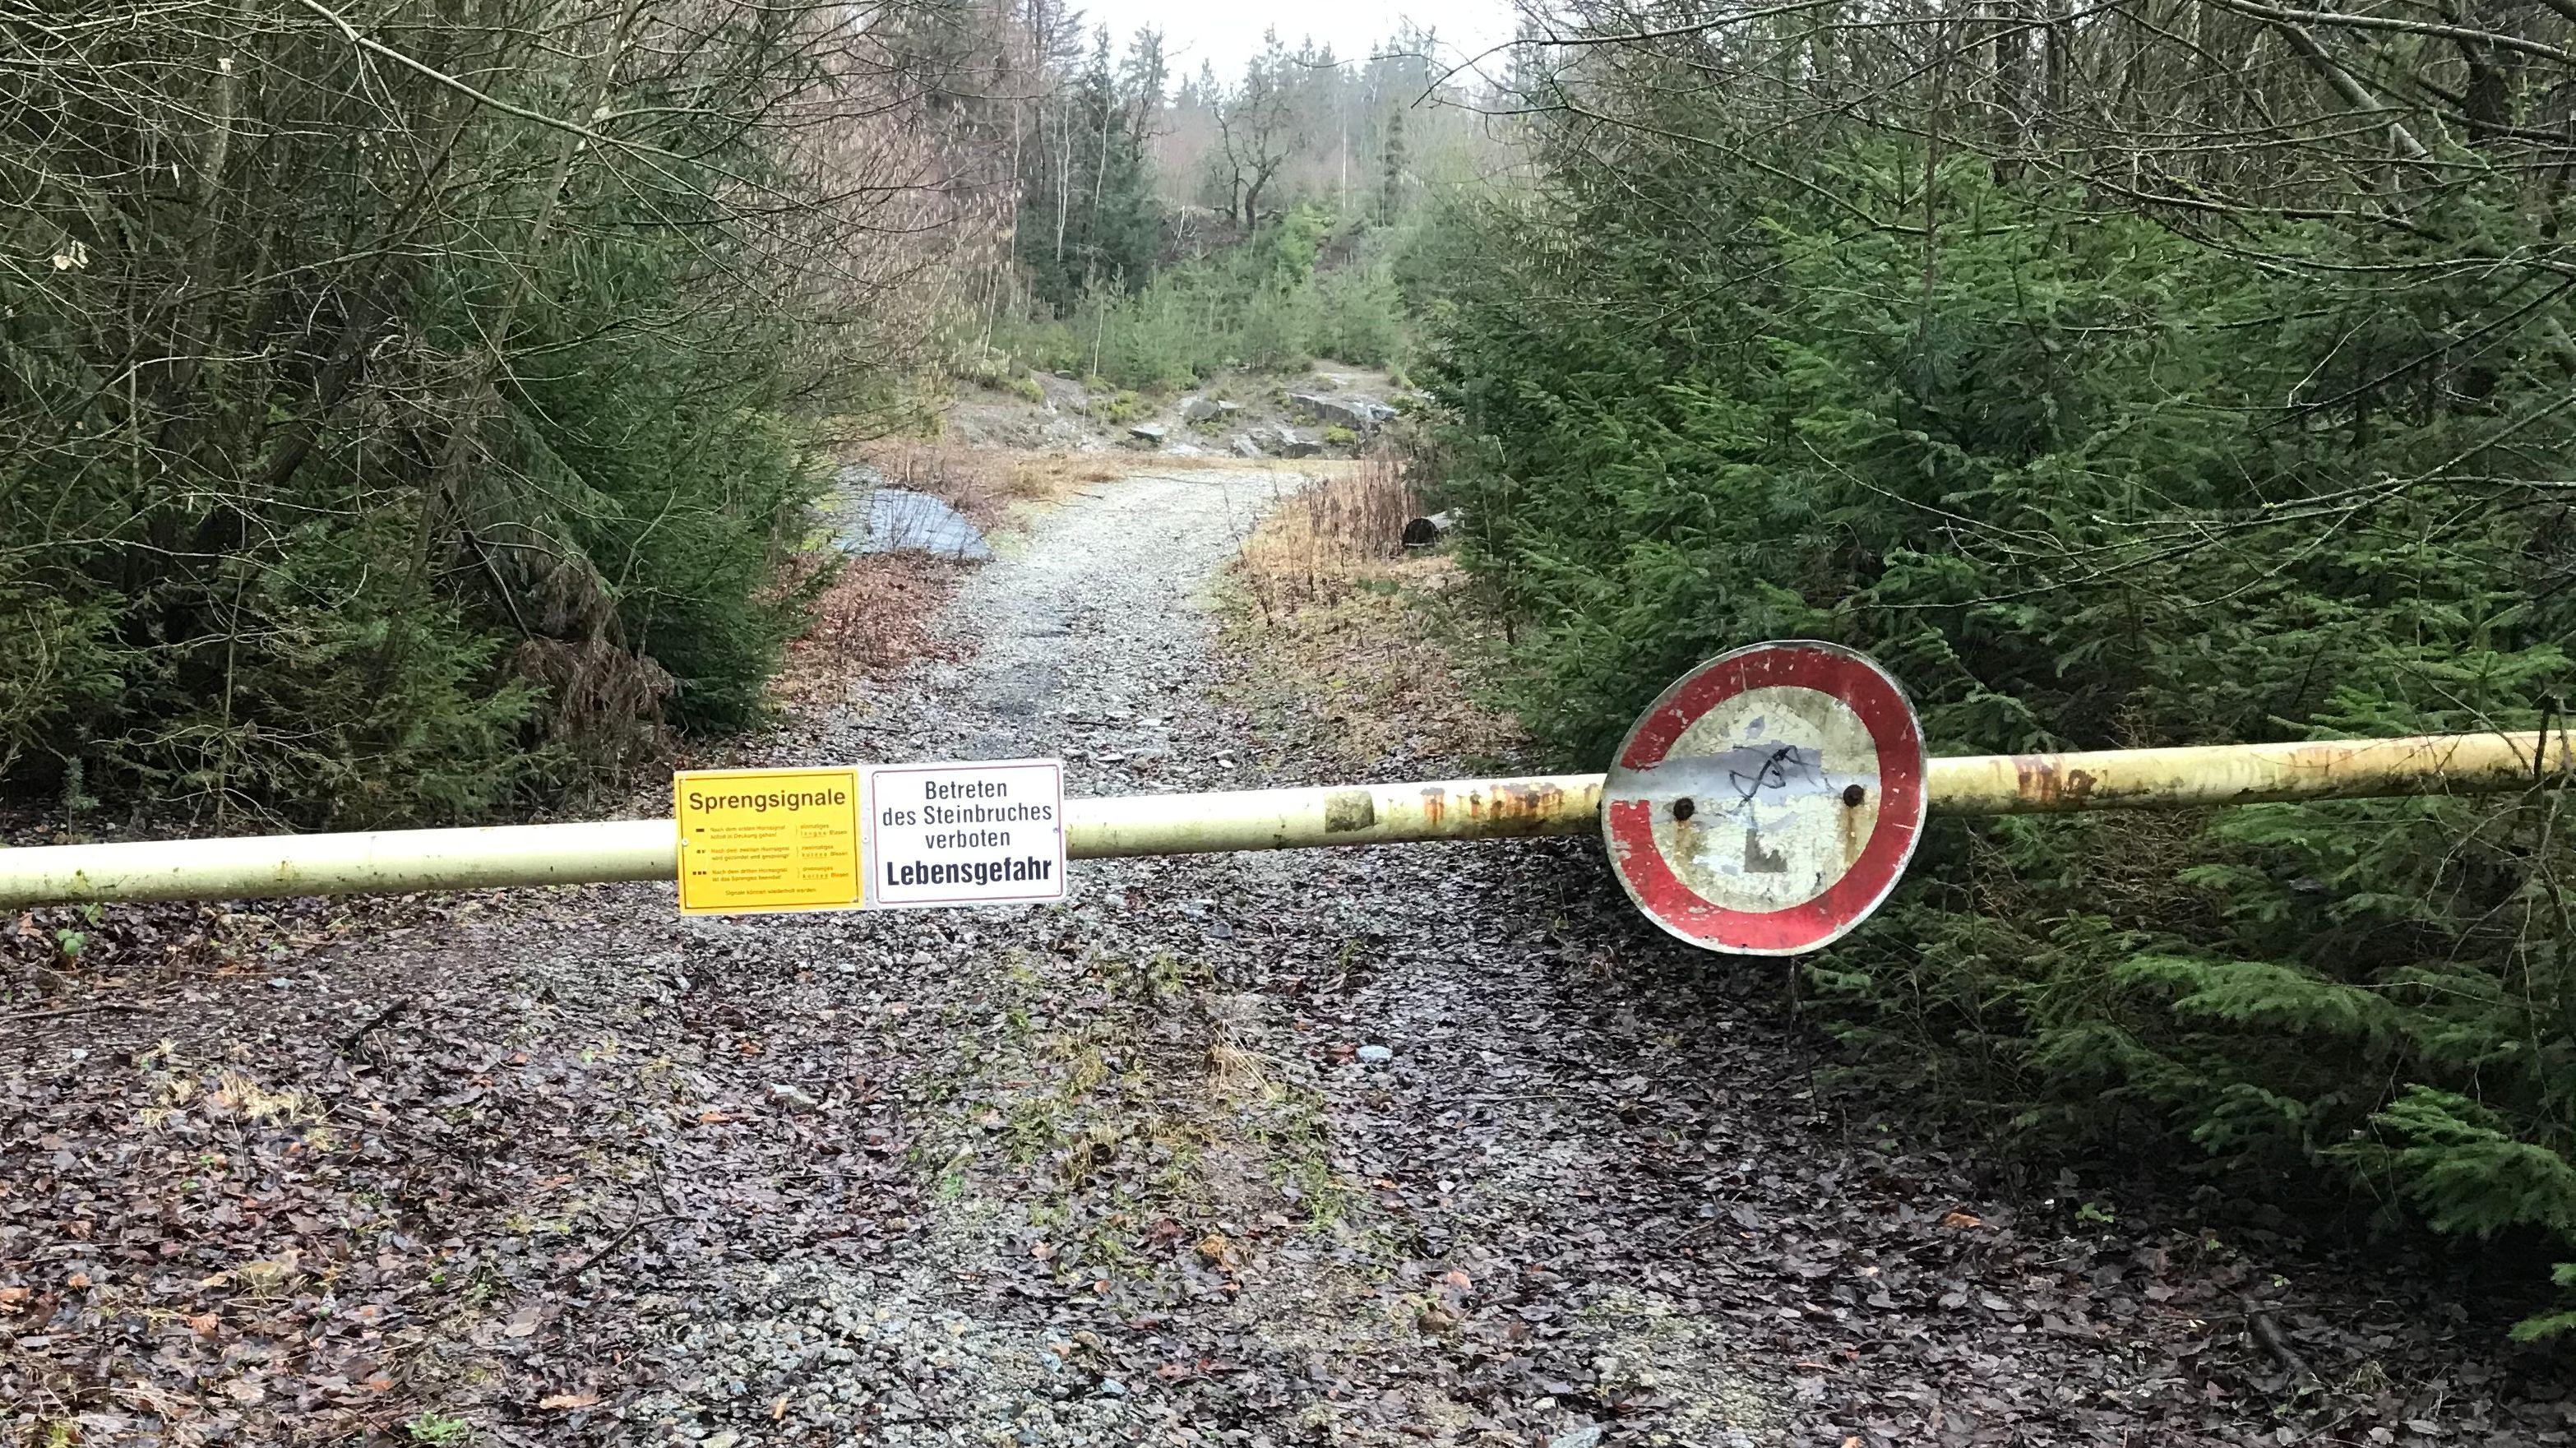 Eine Schranke vor einem Waldweg.